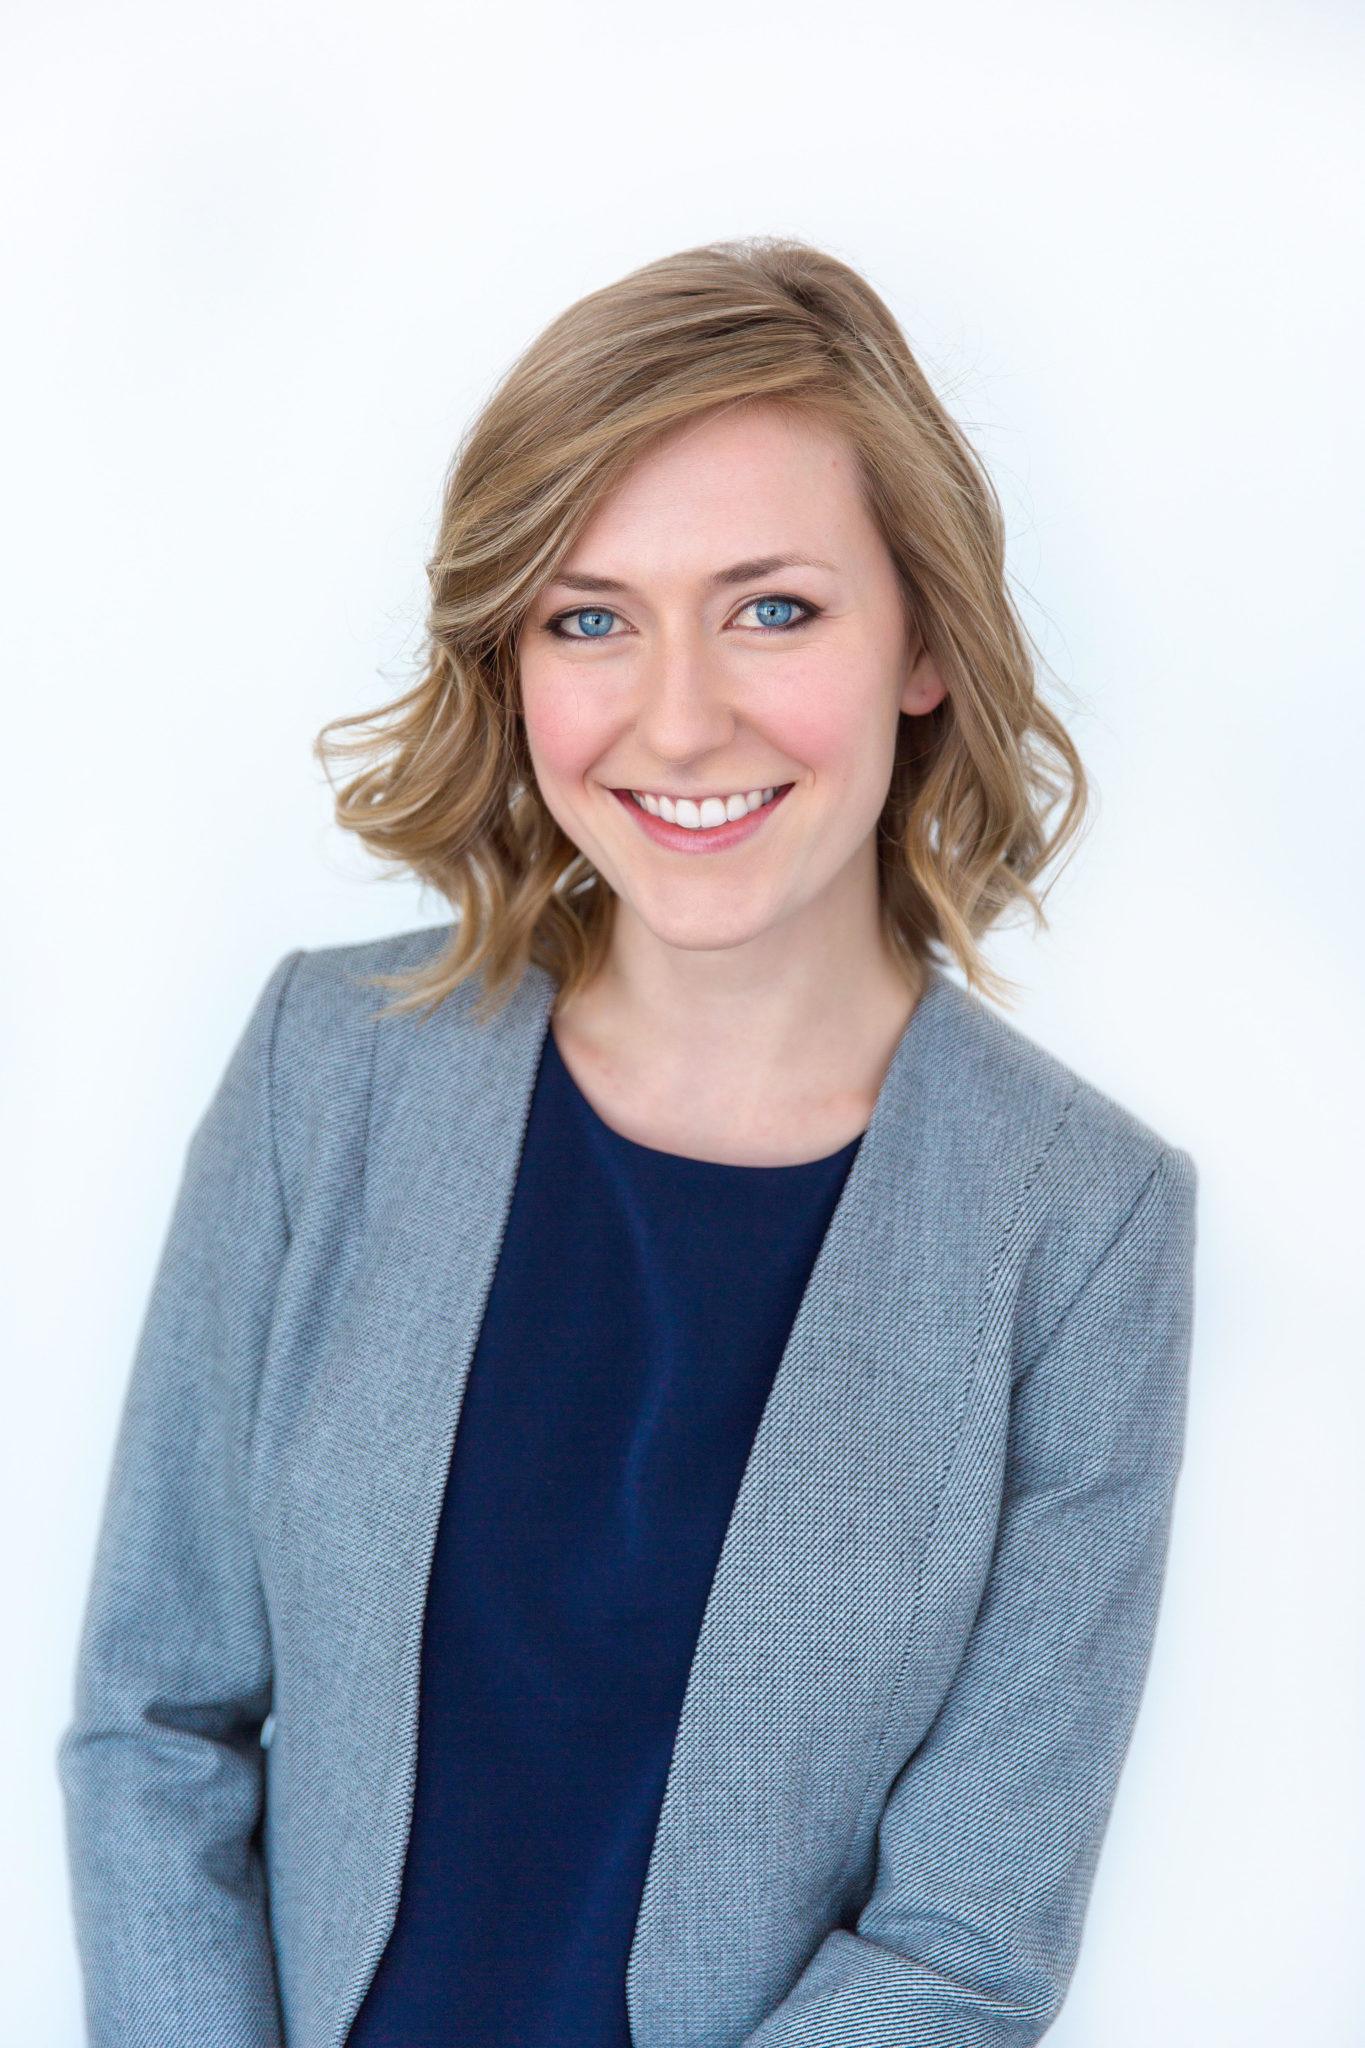 Lauren Peabody